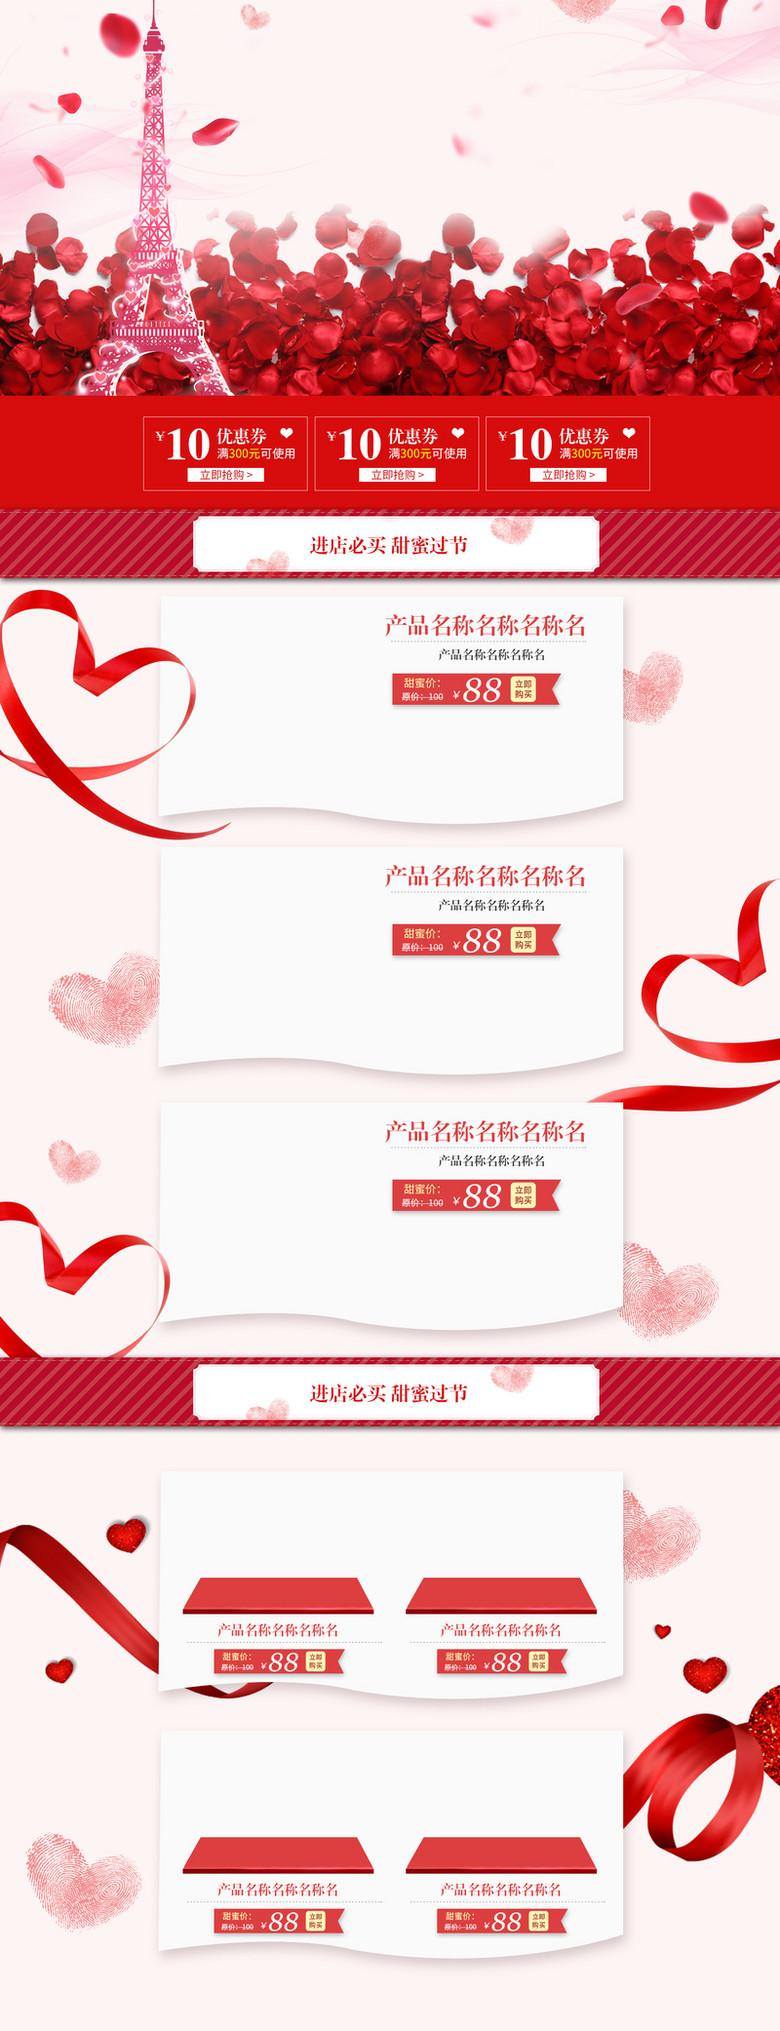 红色玫瑰花瓣浪漫情人节店铺首页背景